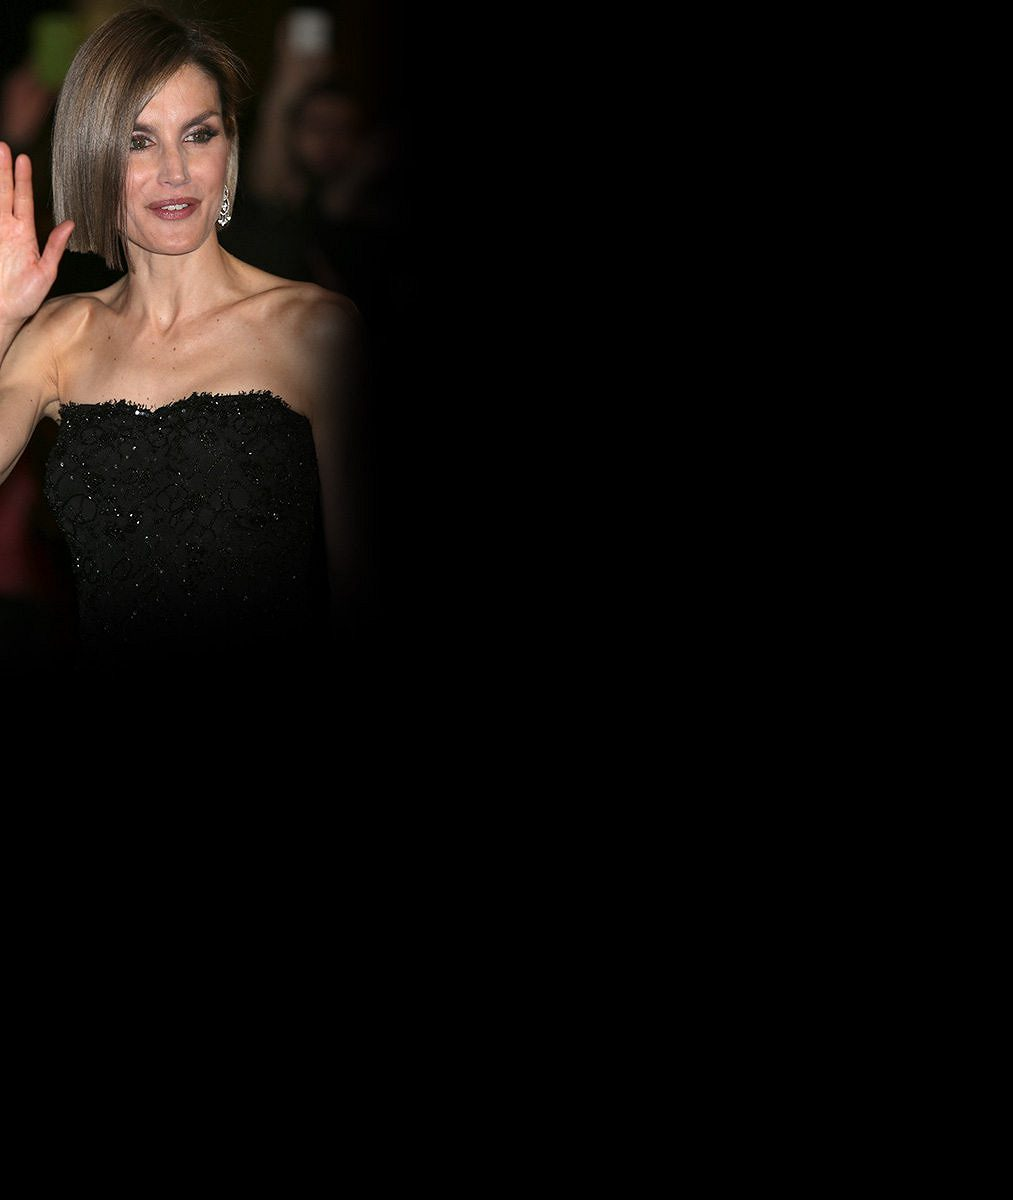 Španělská královna radikálně zkrátila vlasy. A je tak hubená, že i Salma Hayek vedle ní působila robustně